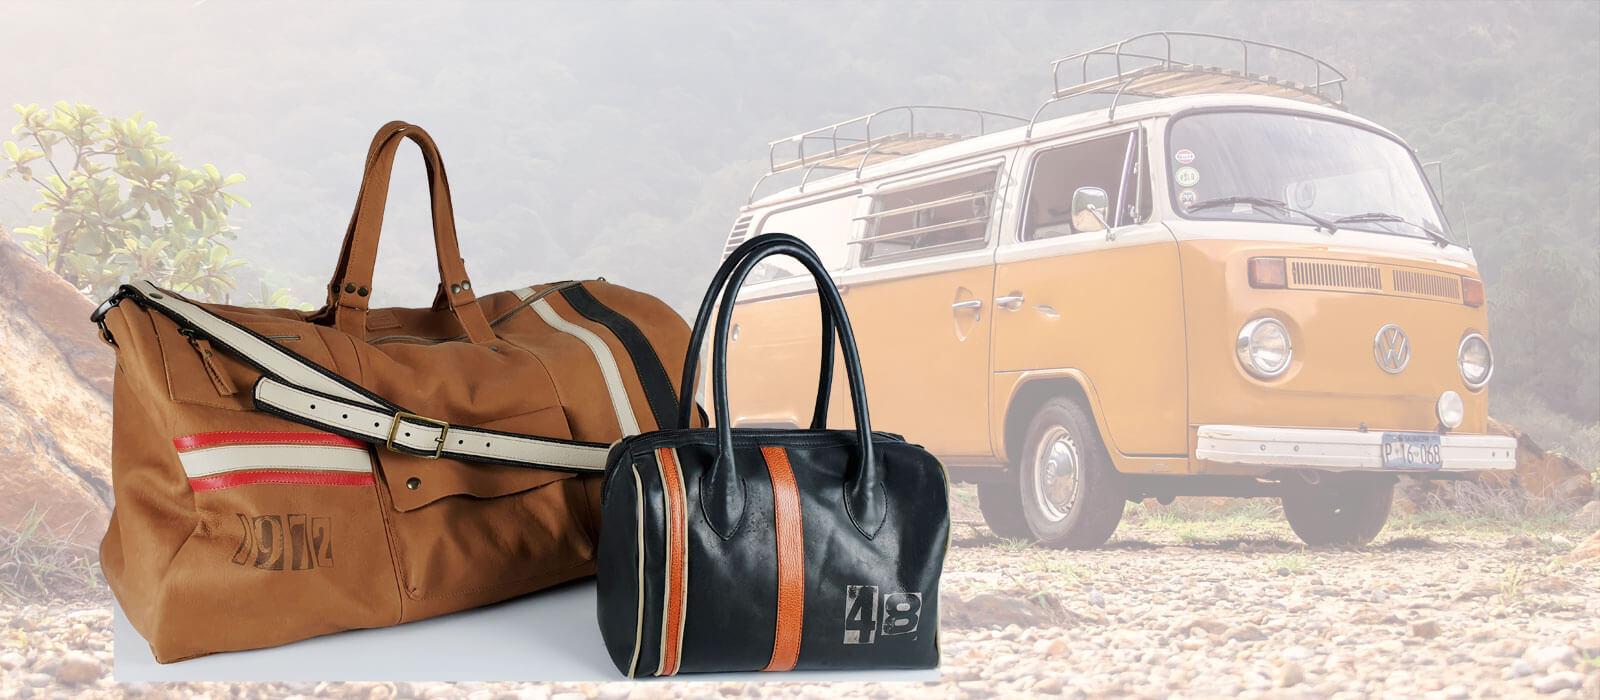 handgemaakte leren tassen met retro stripes en een volkswagen busje van mireille daelman